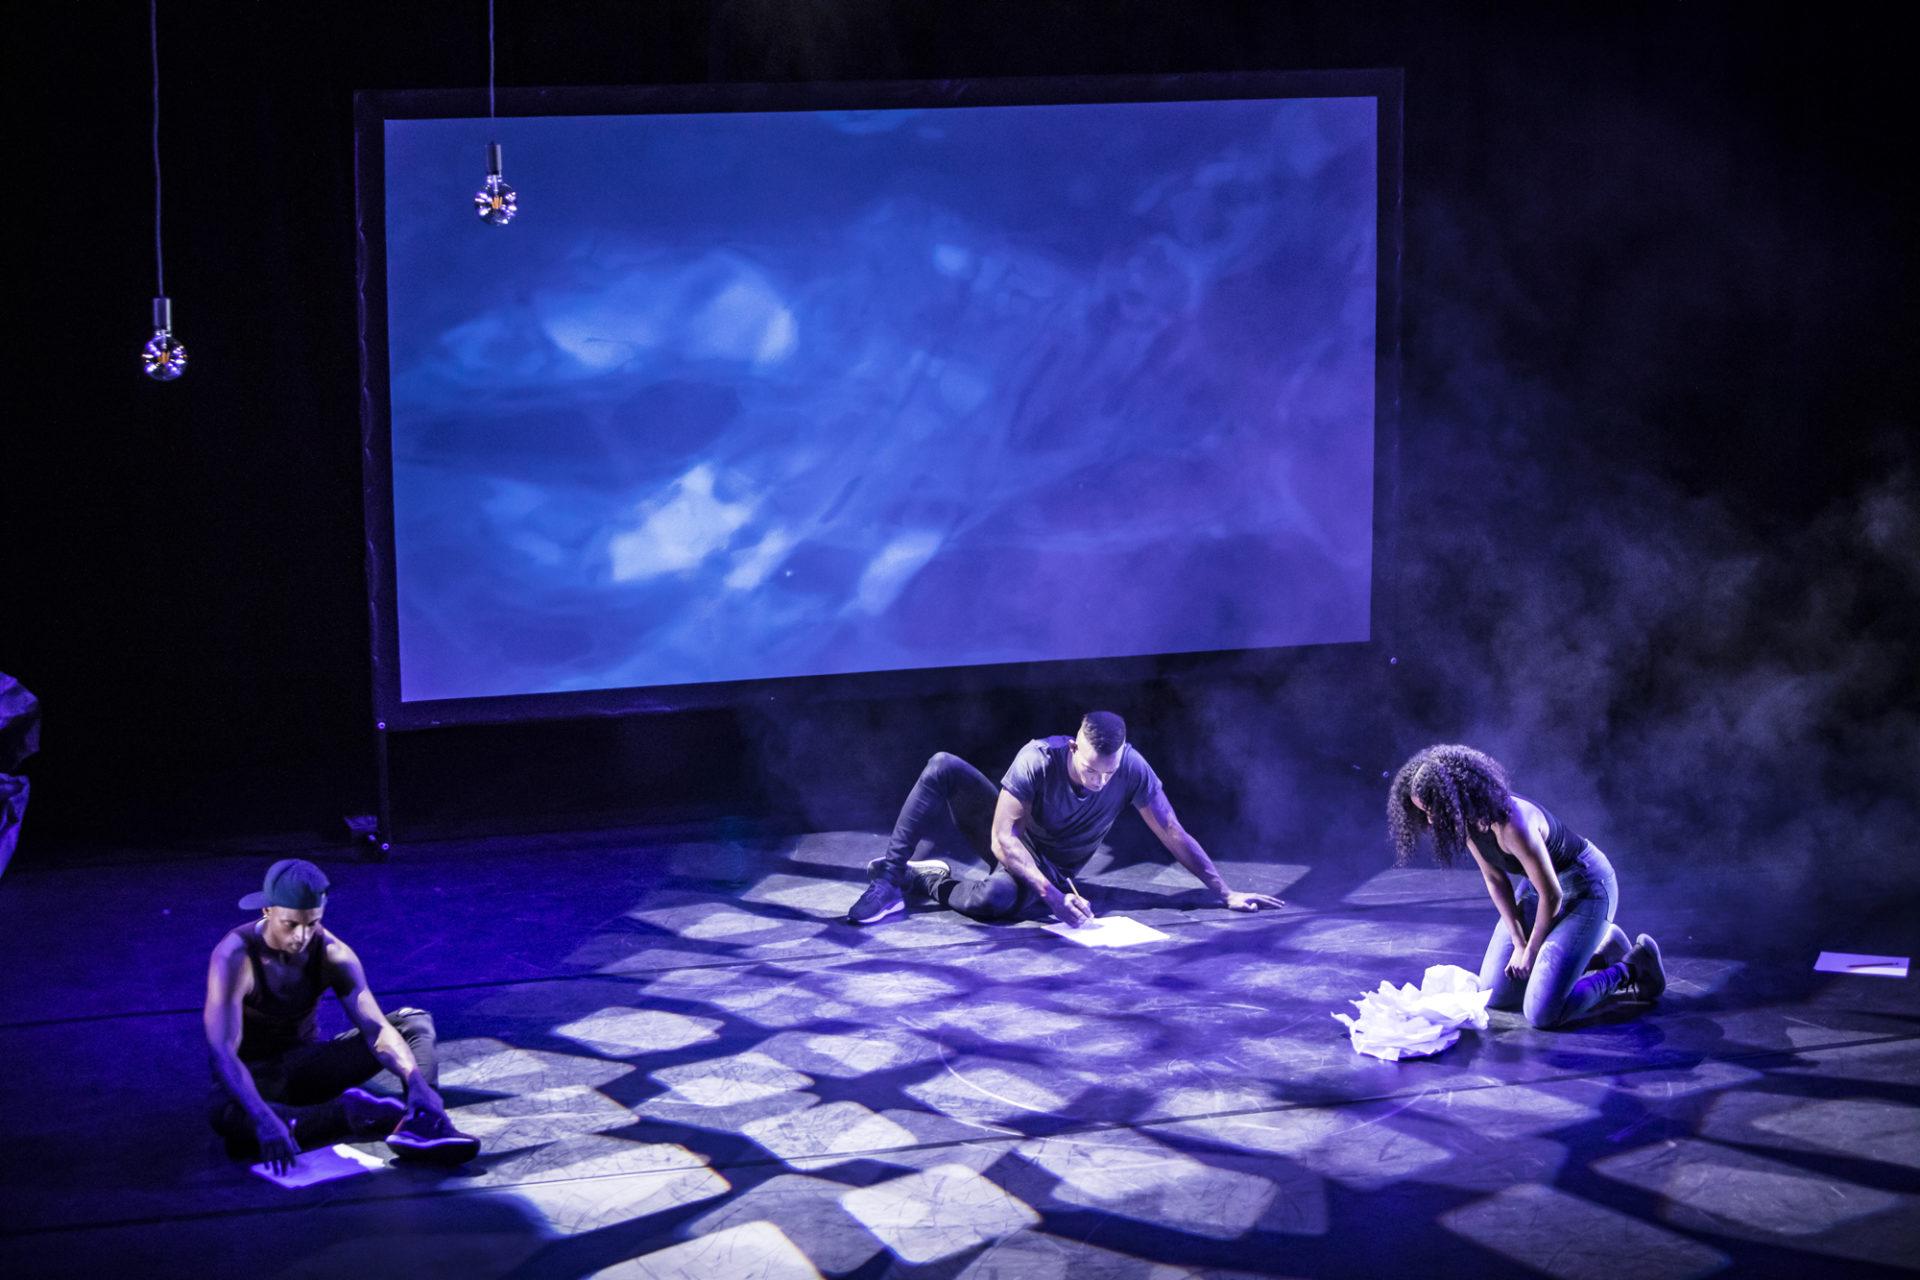 Tre personer sitter på gulvet med ark